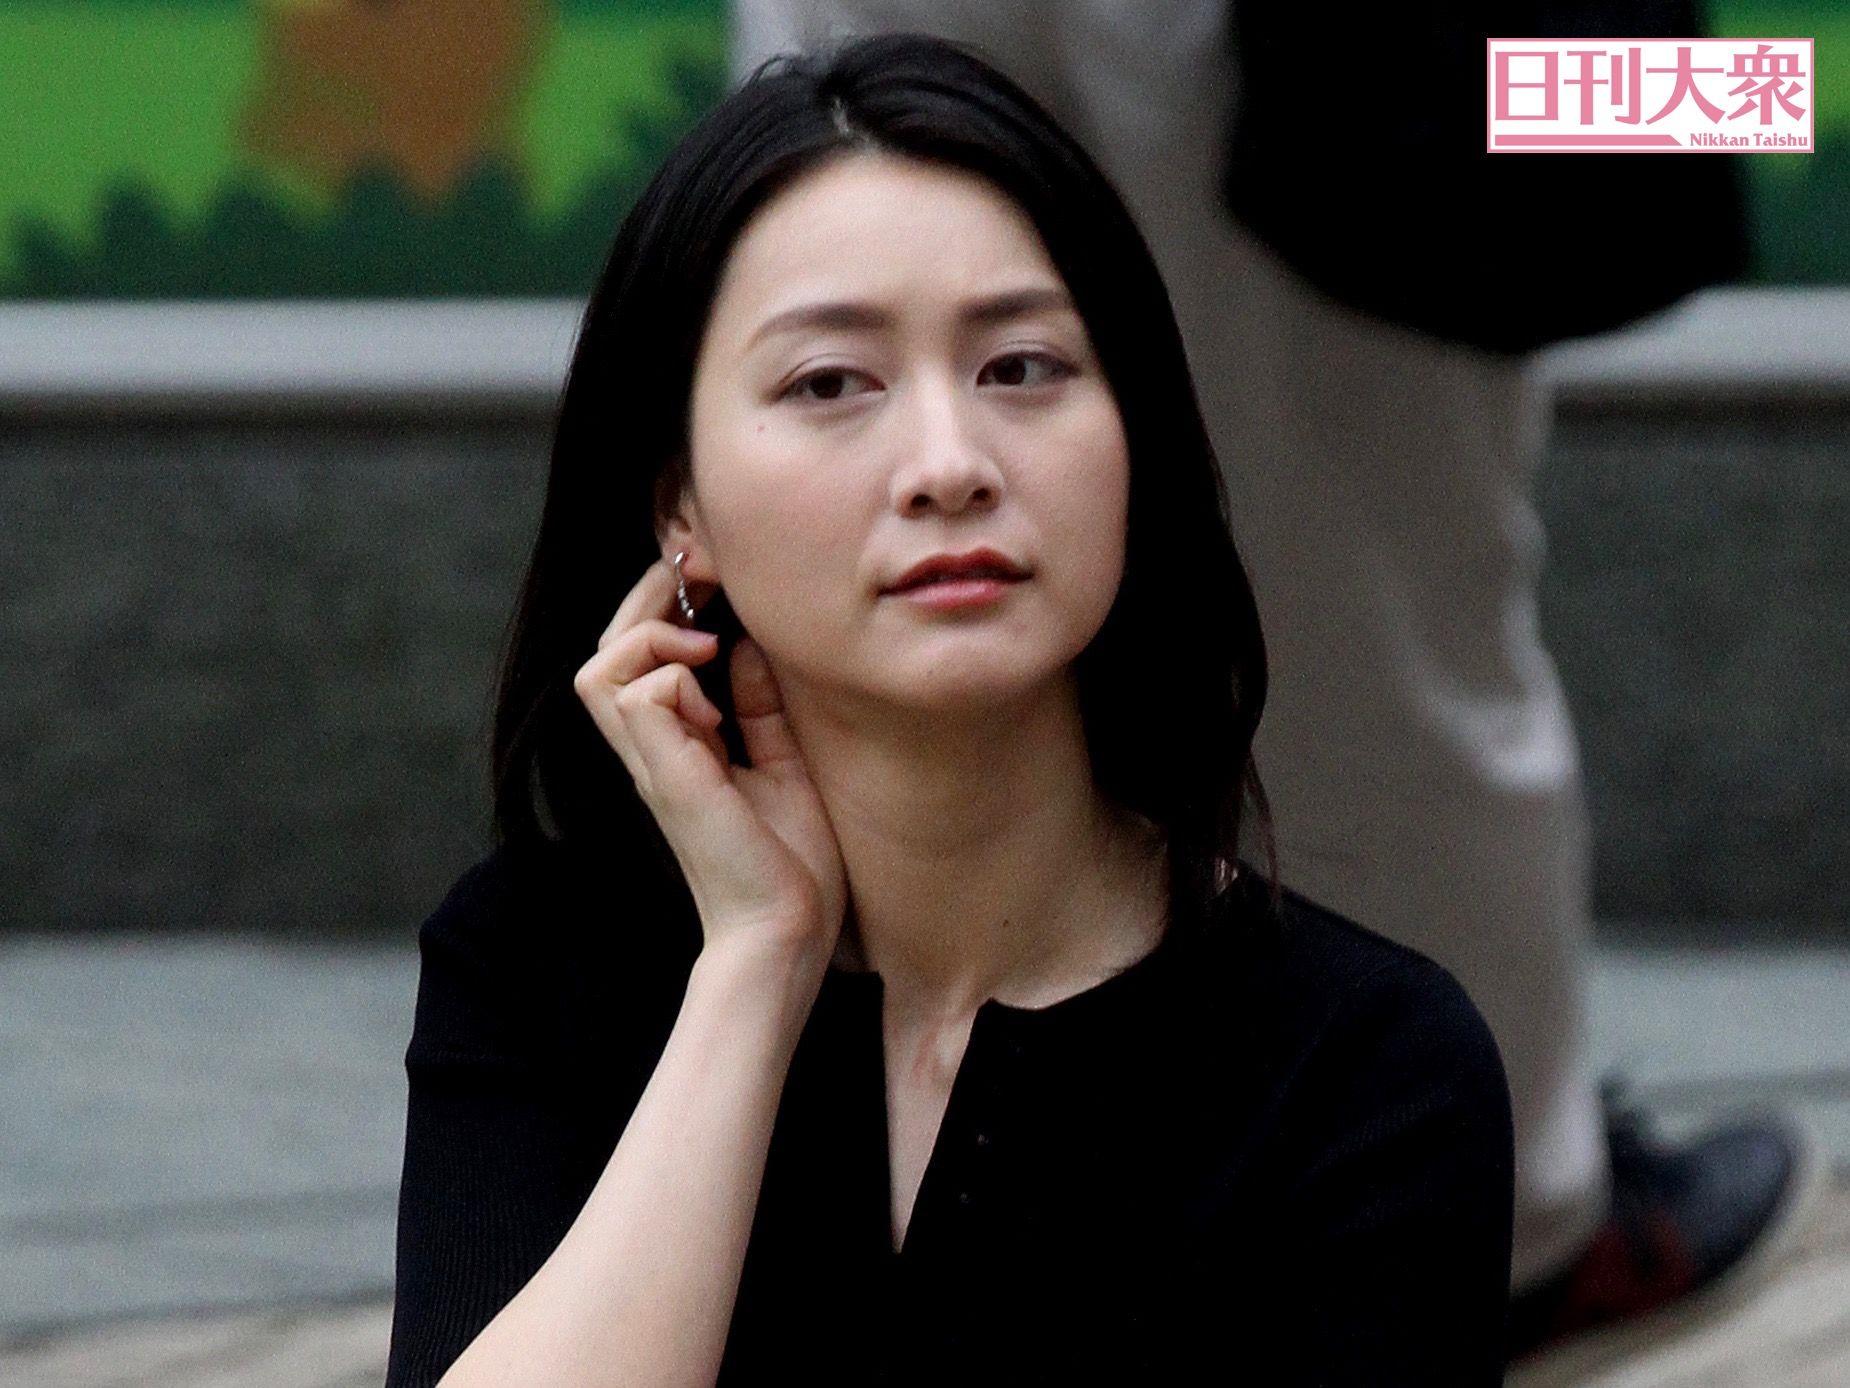 離婚 小川 彩佳